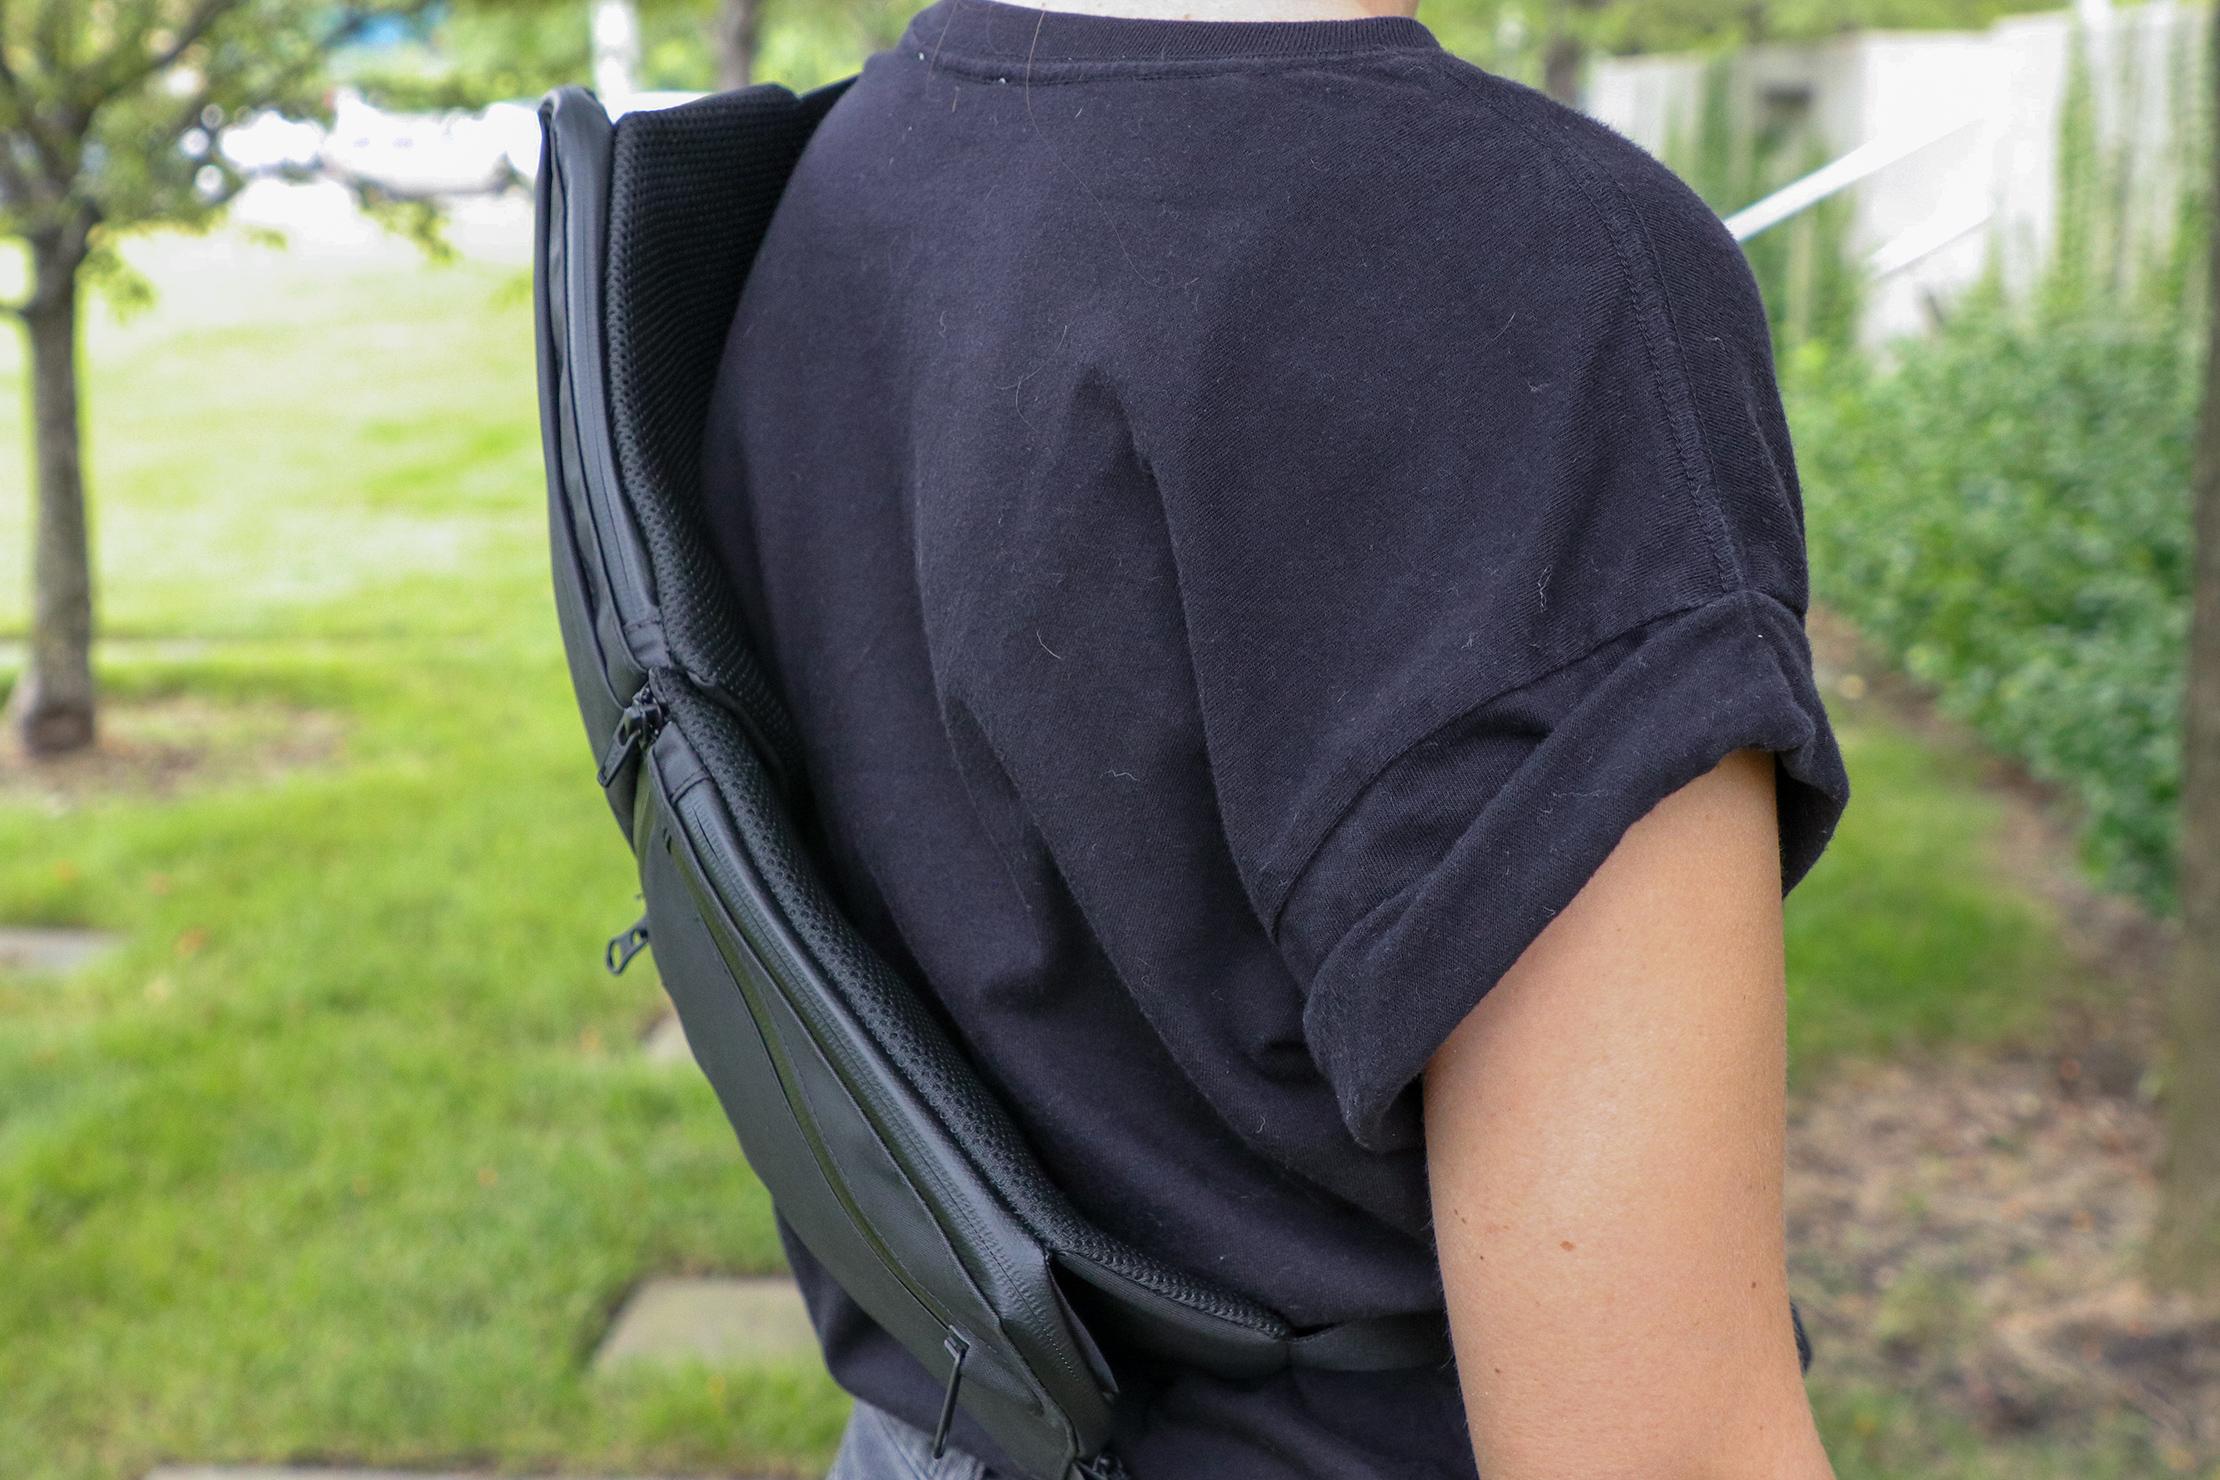 Gravel Backpack Travel System Hip Strap Cross Body on Back